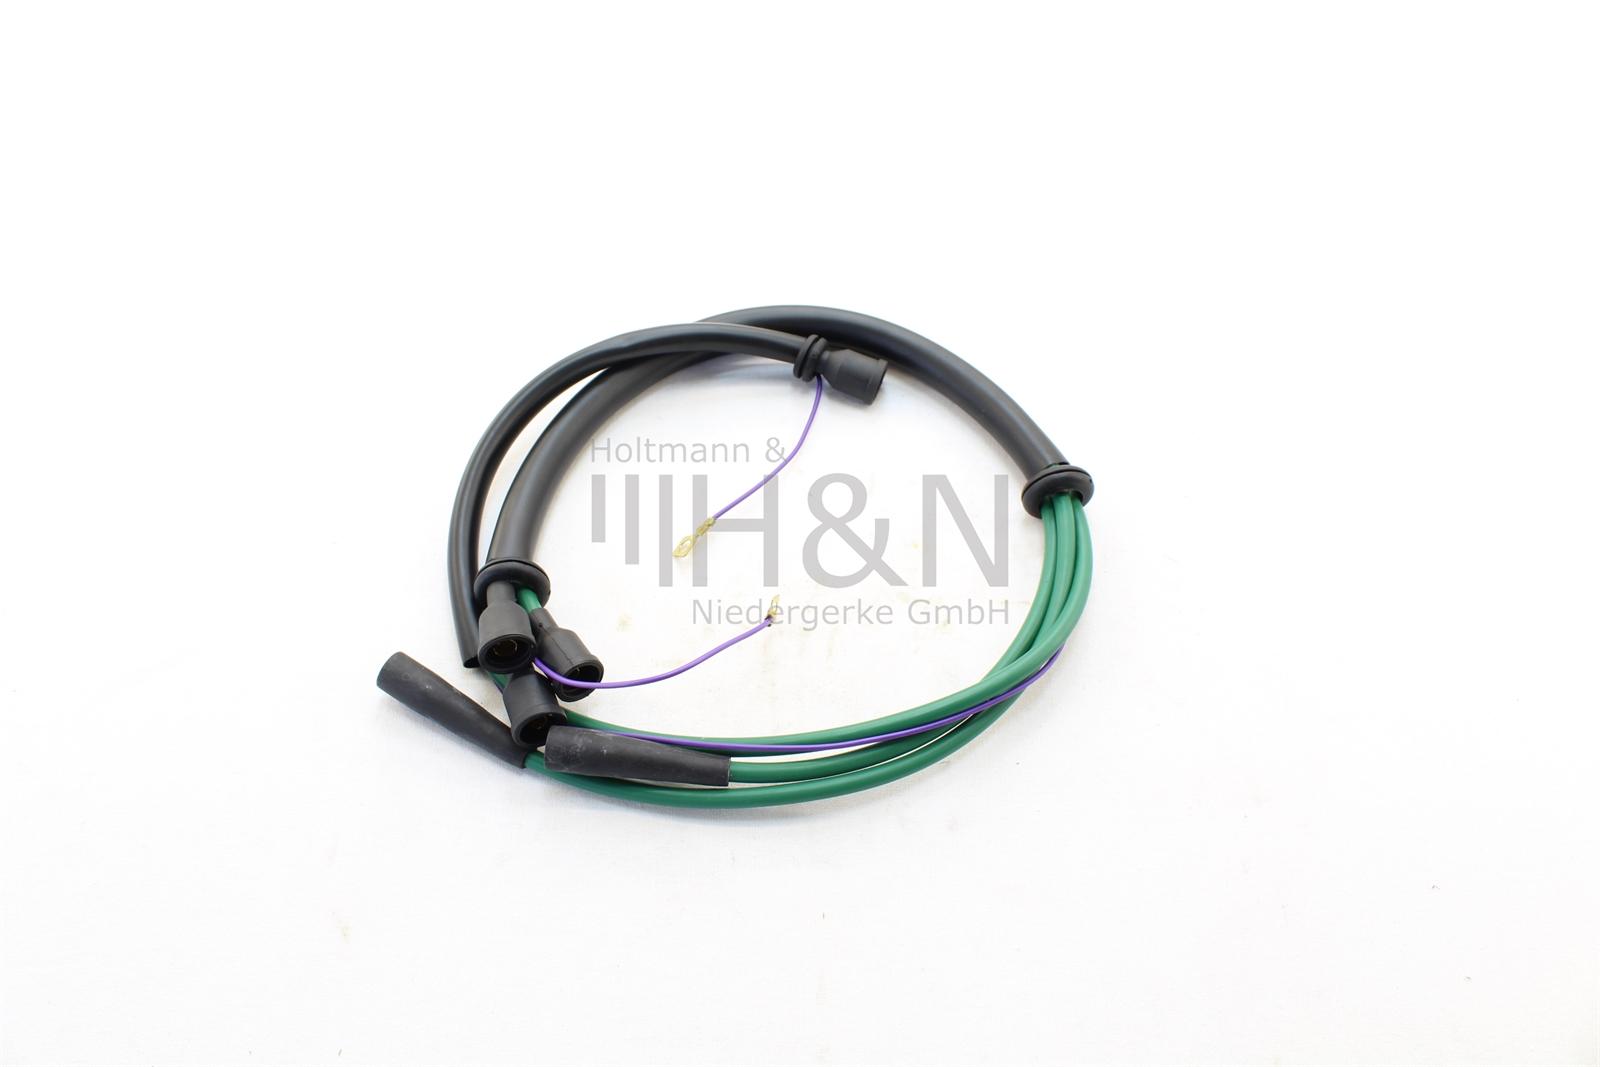 Zundkabelsatz Fiat 500 D F L Zundspule Links